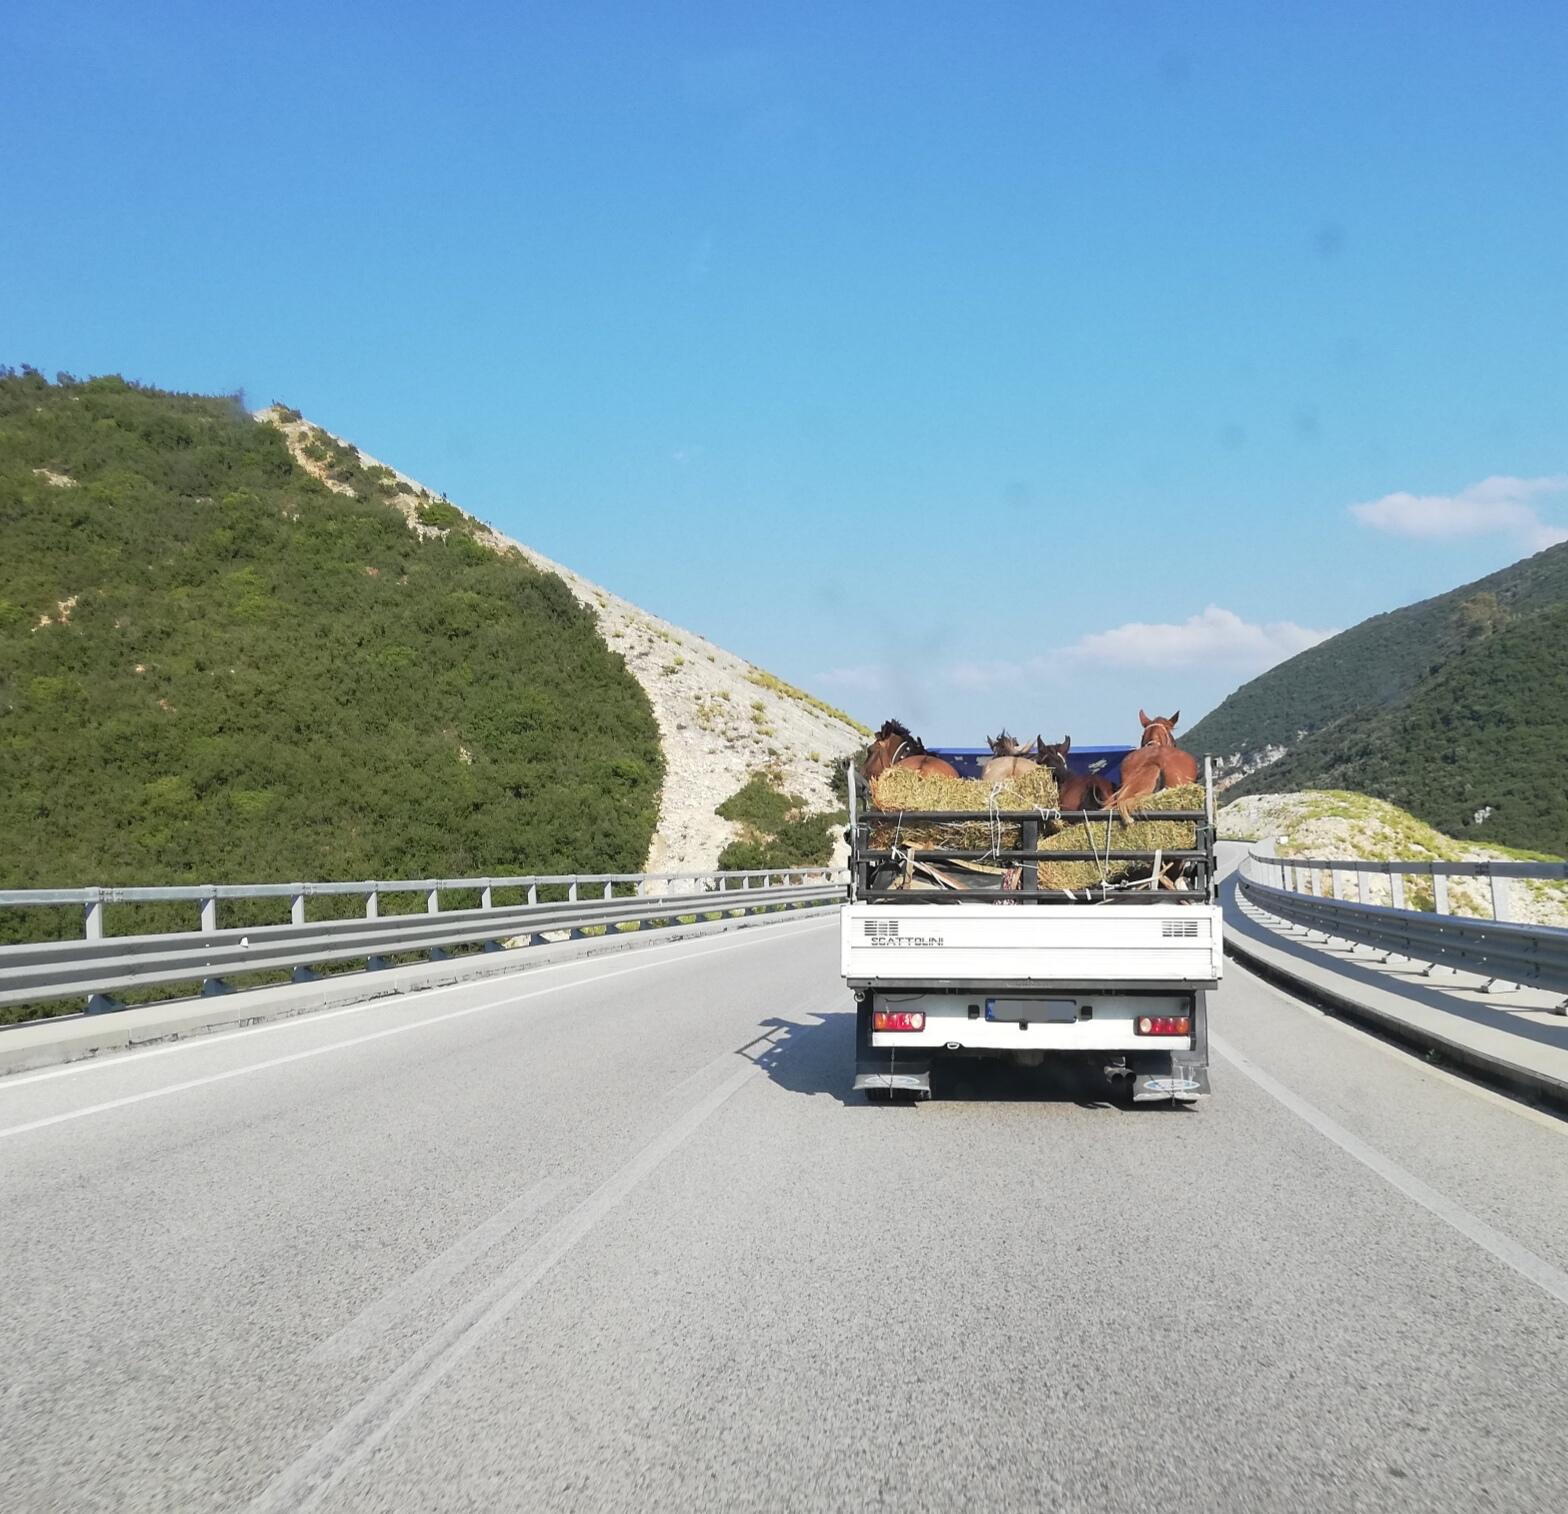 """<img src=""""/autobahn-albanien.jpg"""" alt=""""Offener Pferdetransporter auf der einzigen Autobahn Albaniens"""">"""